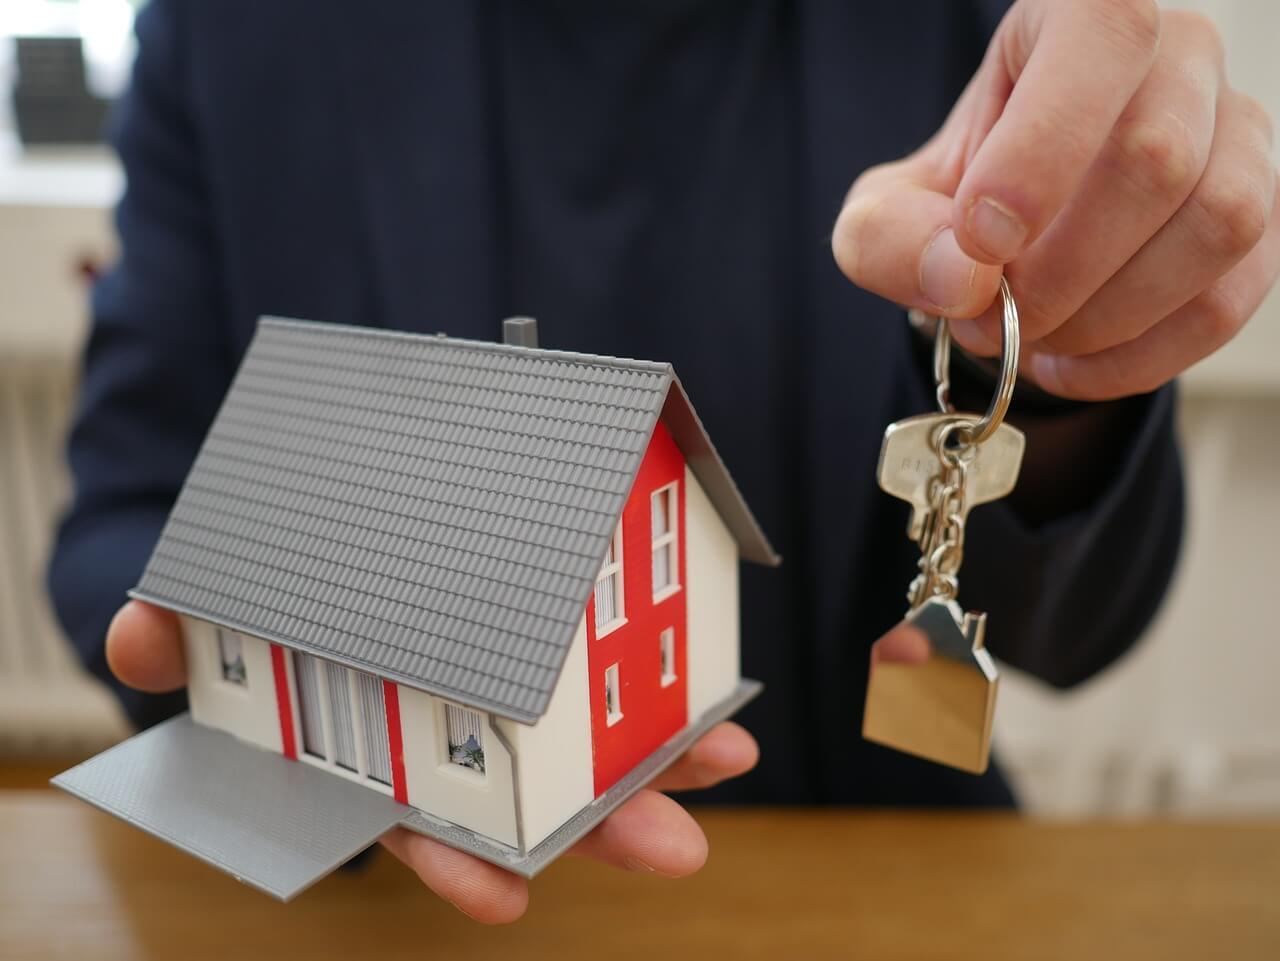 На фото изображен мужчина с ключами и макетом дома в руках.